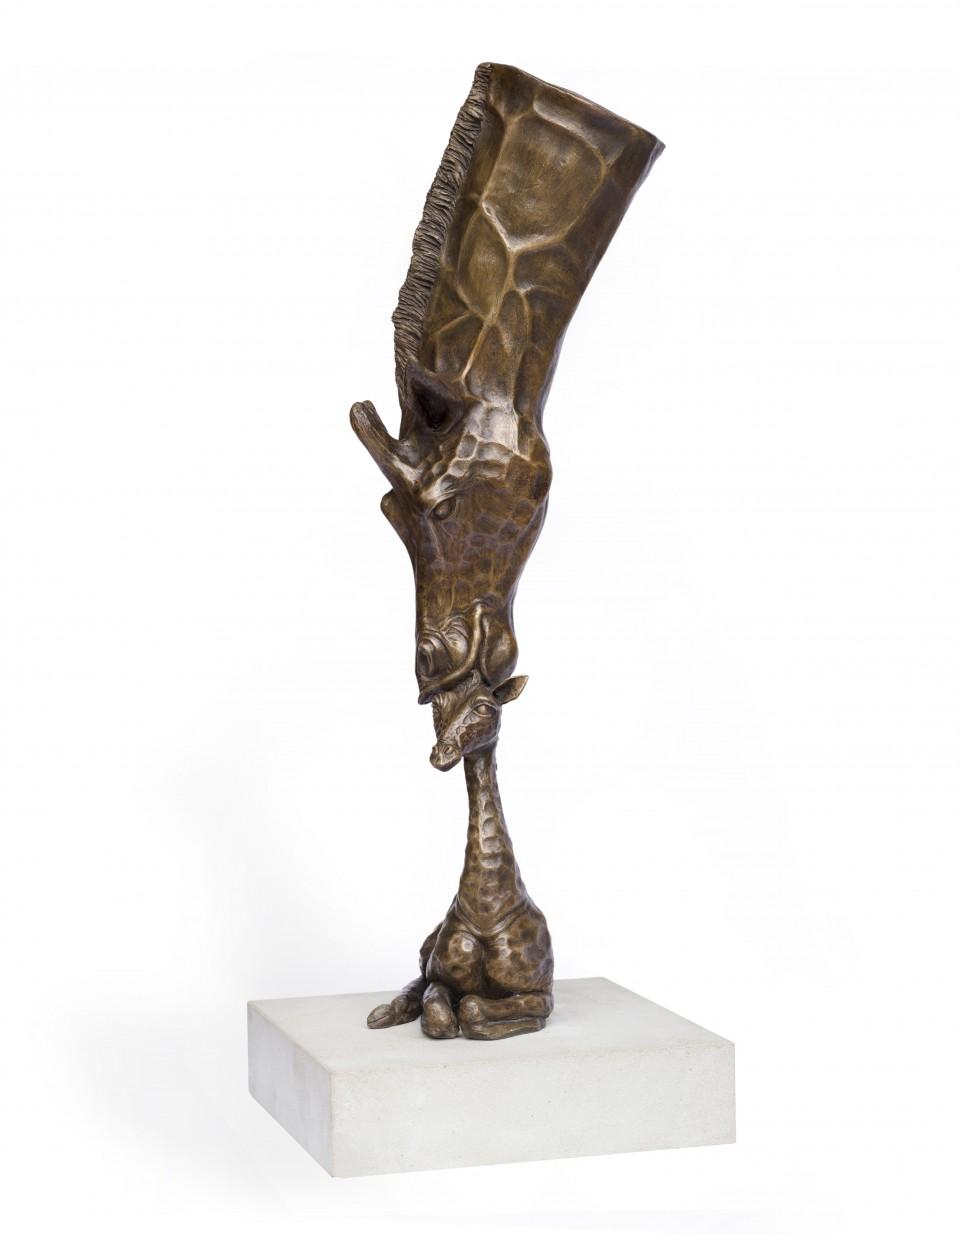 Giraffe1-White1-960x1234.jpg